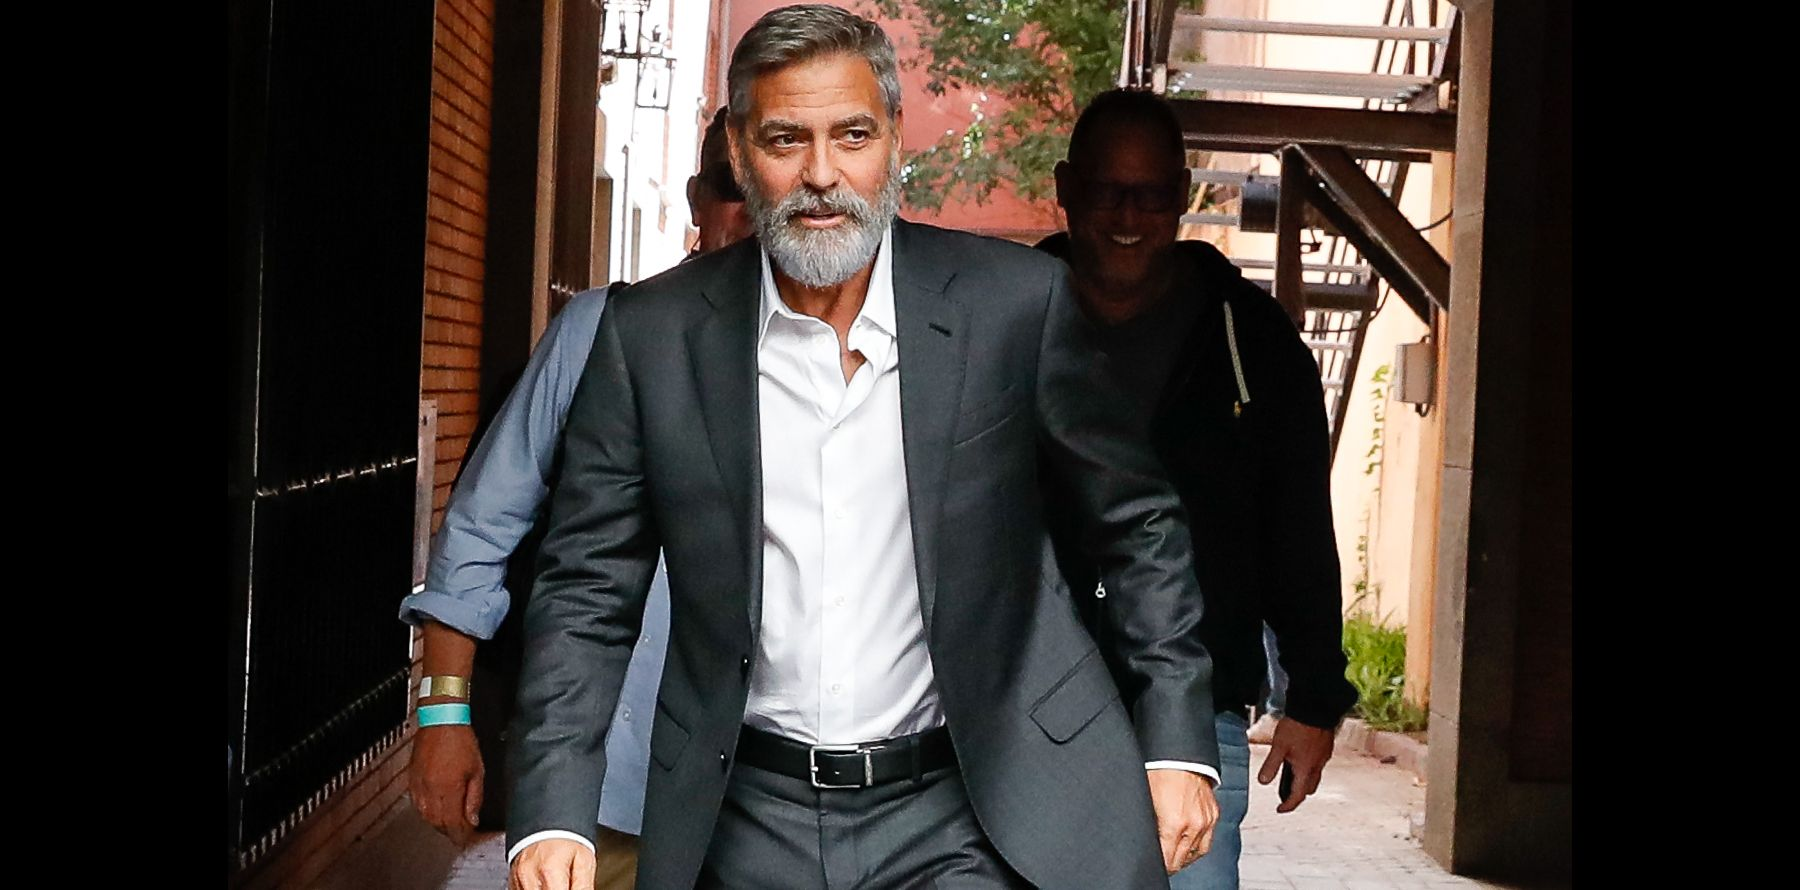 Affaire Epstein : Geor...